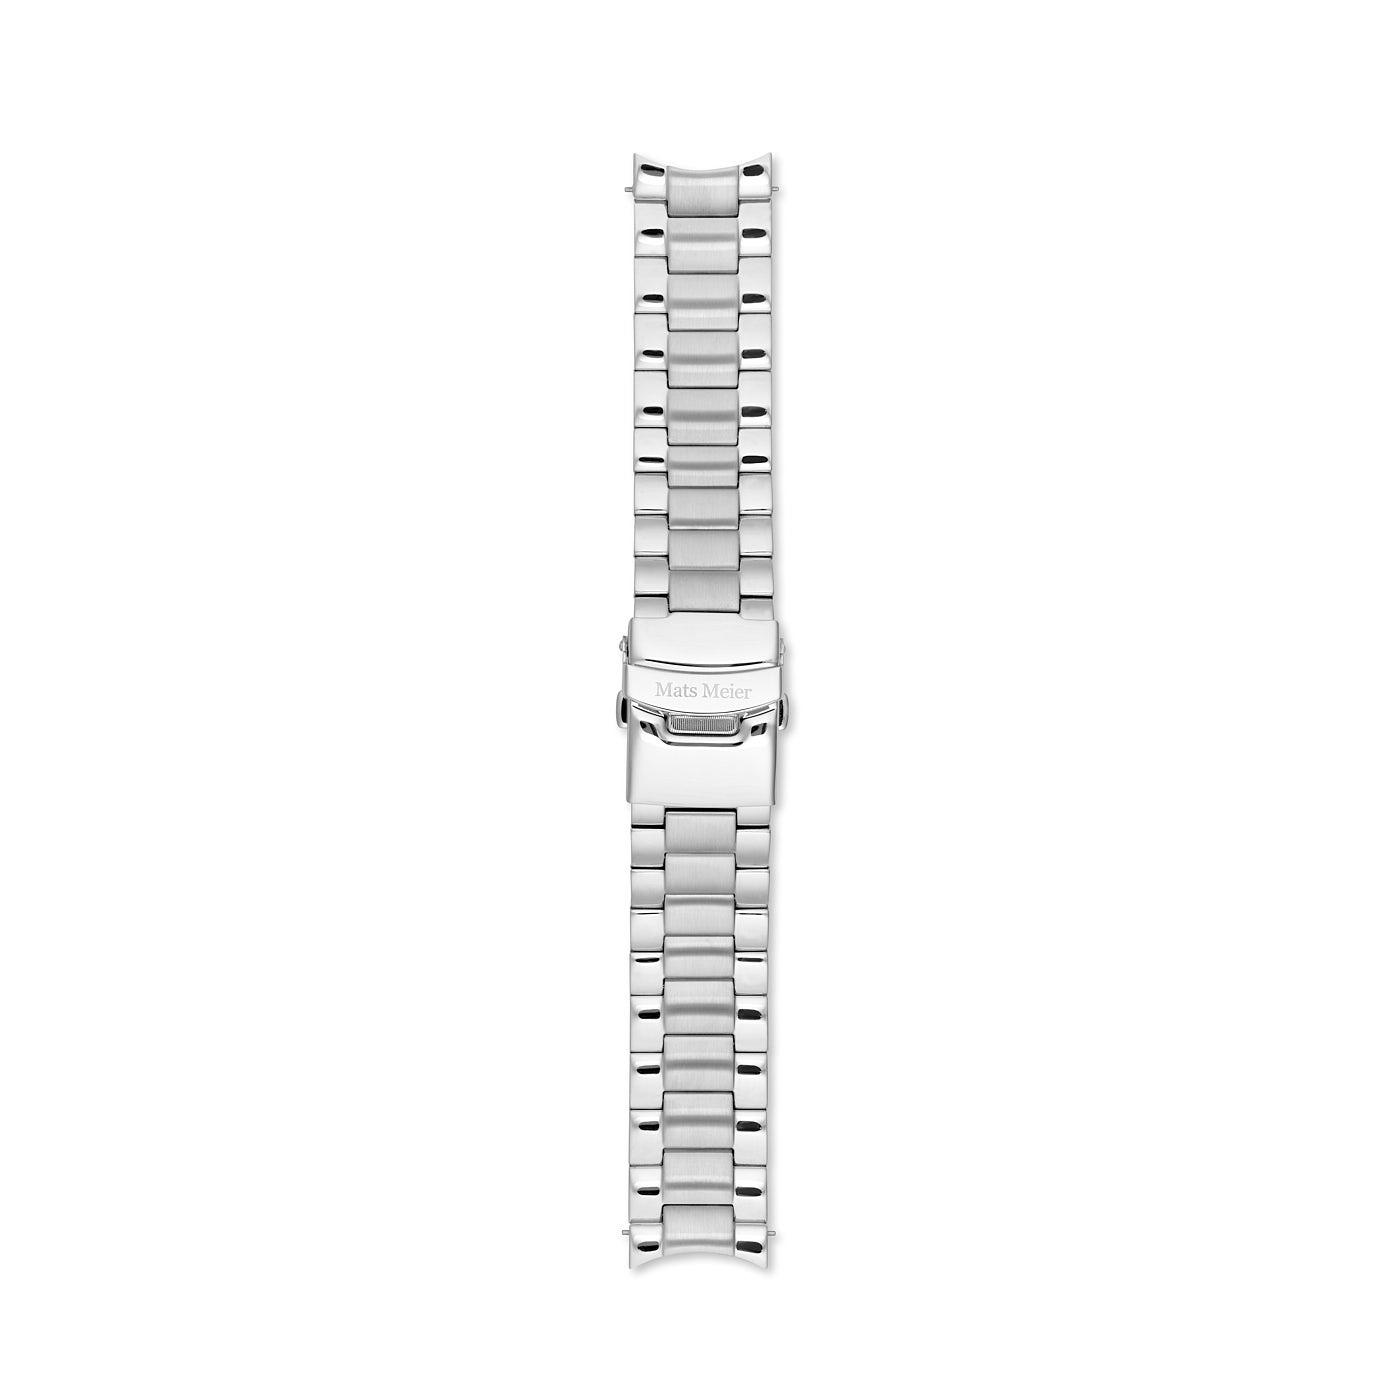 Mats Meier Cinturino in acciaio inossidabile da 22 mm color argento